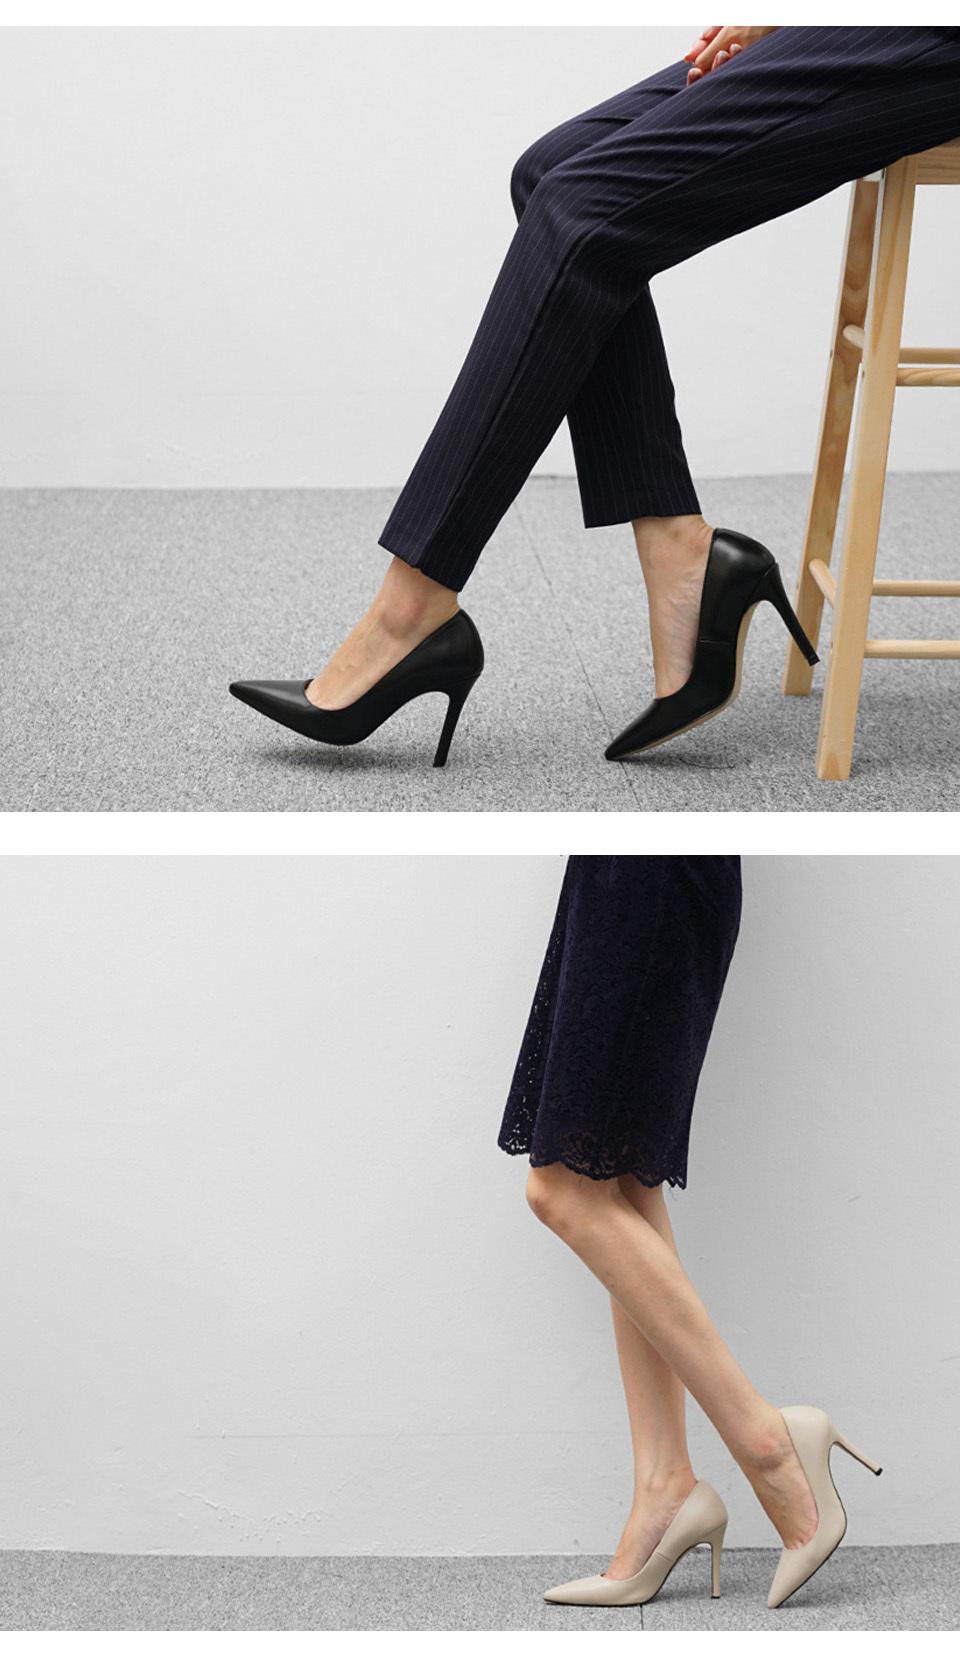 shoes women 7